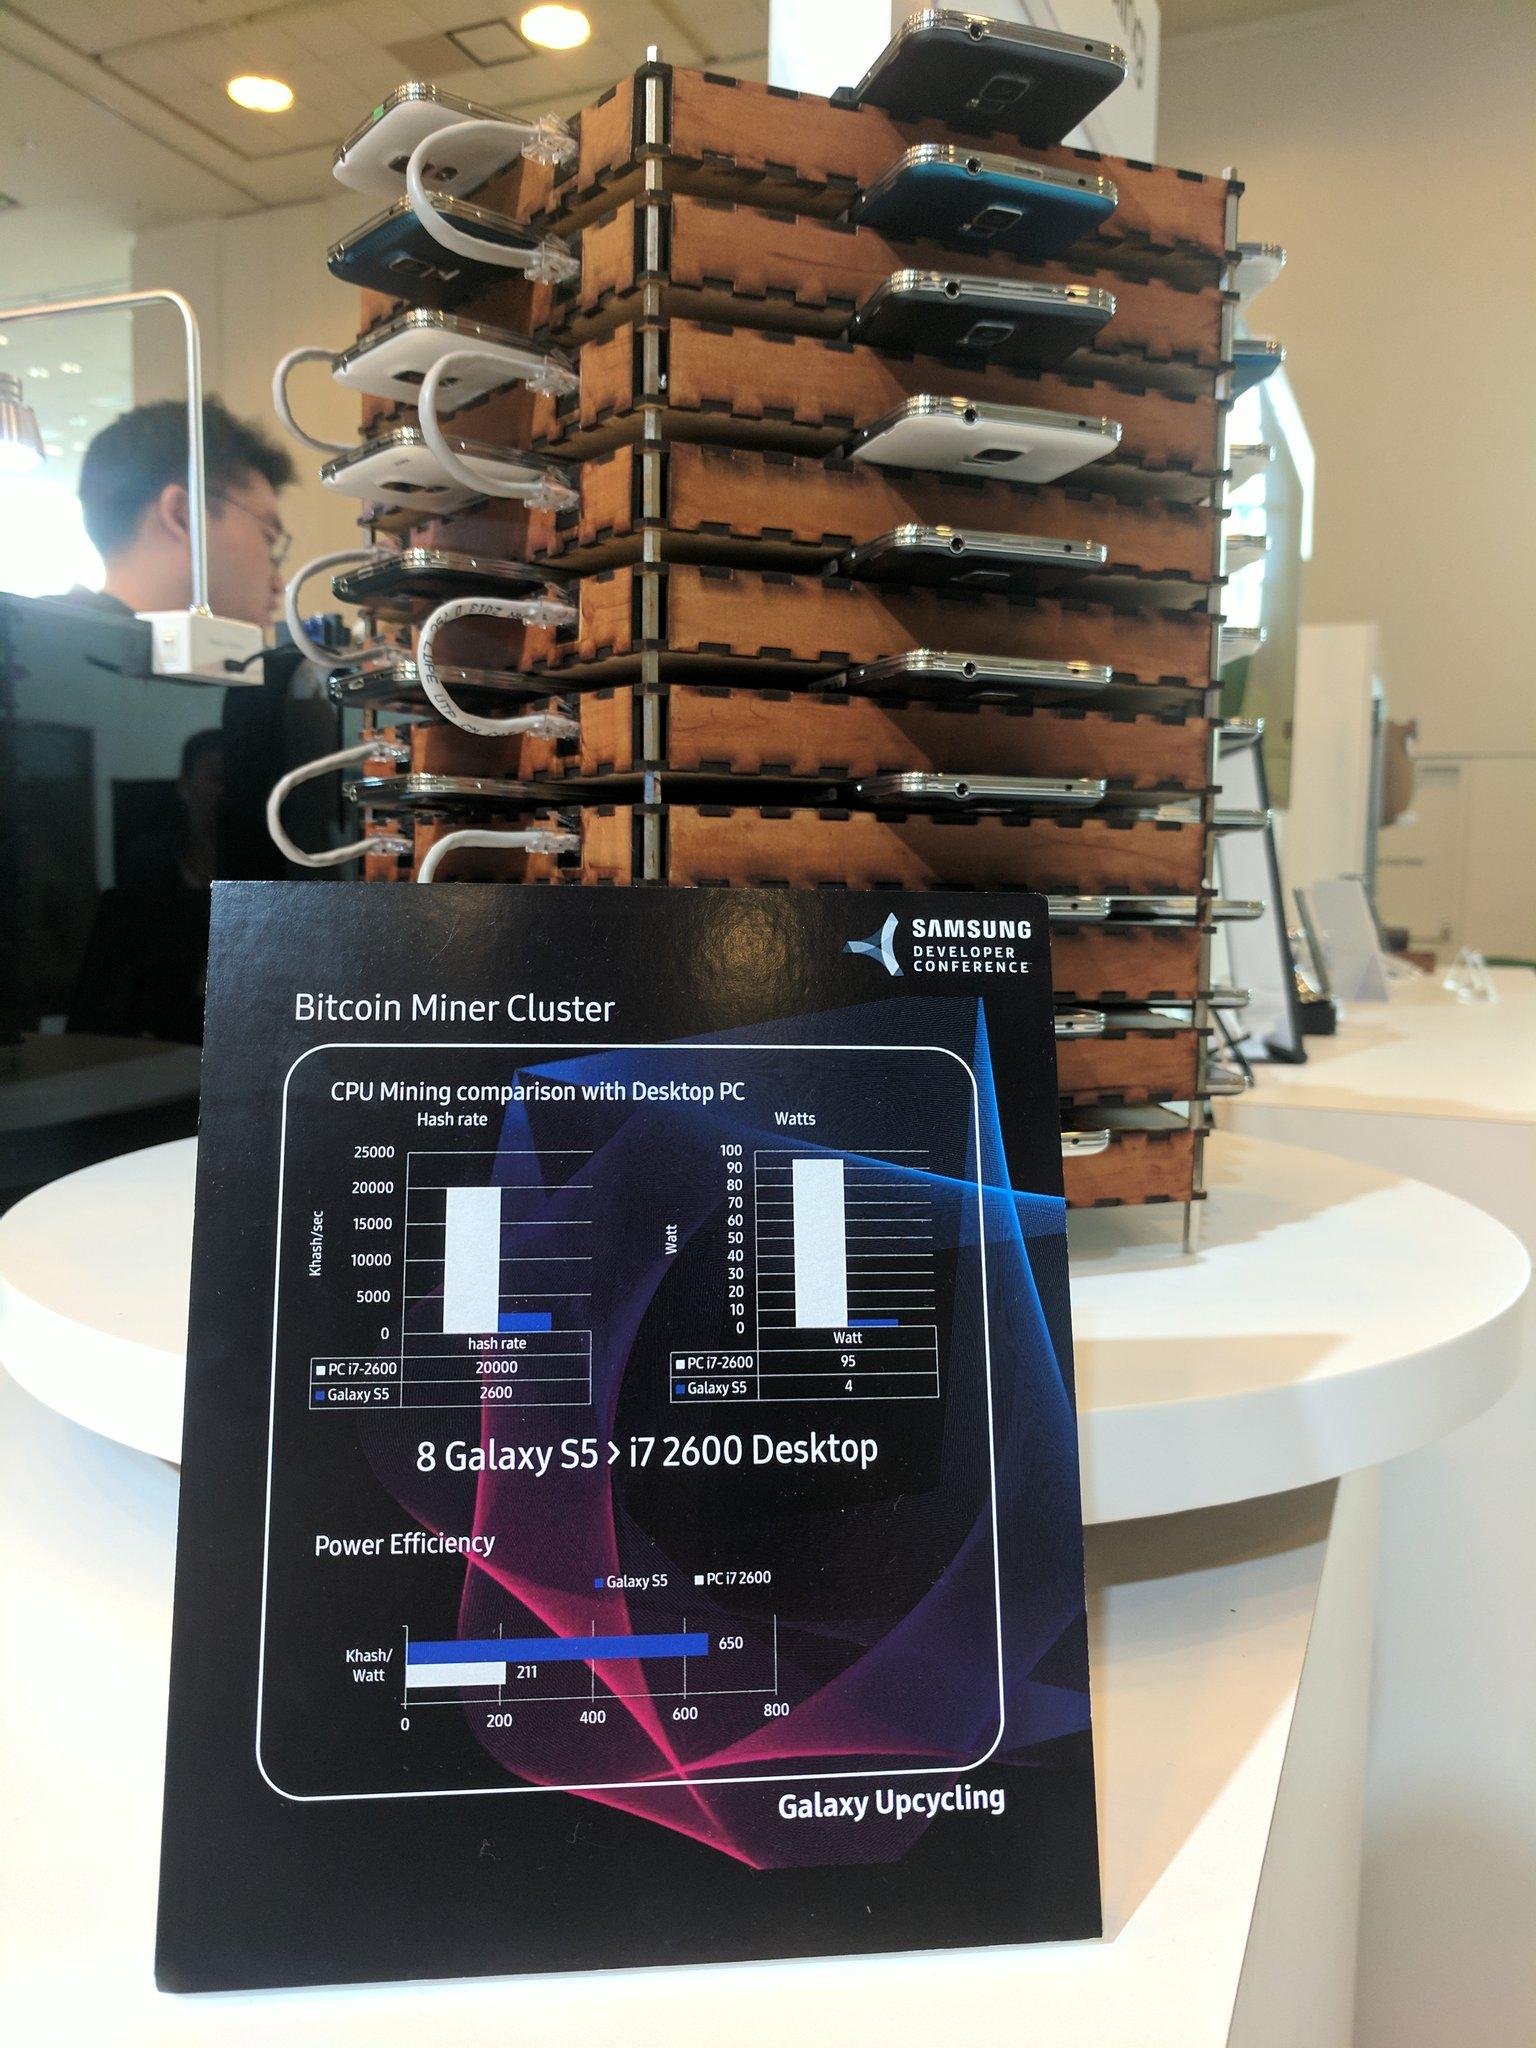 Samsung показал ферму для майнинга биткоинов, состоящую из 40 старых Galaxy S5s - 2